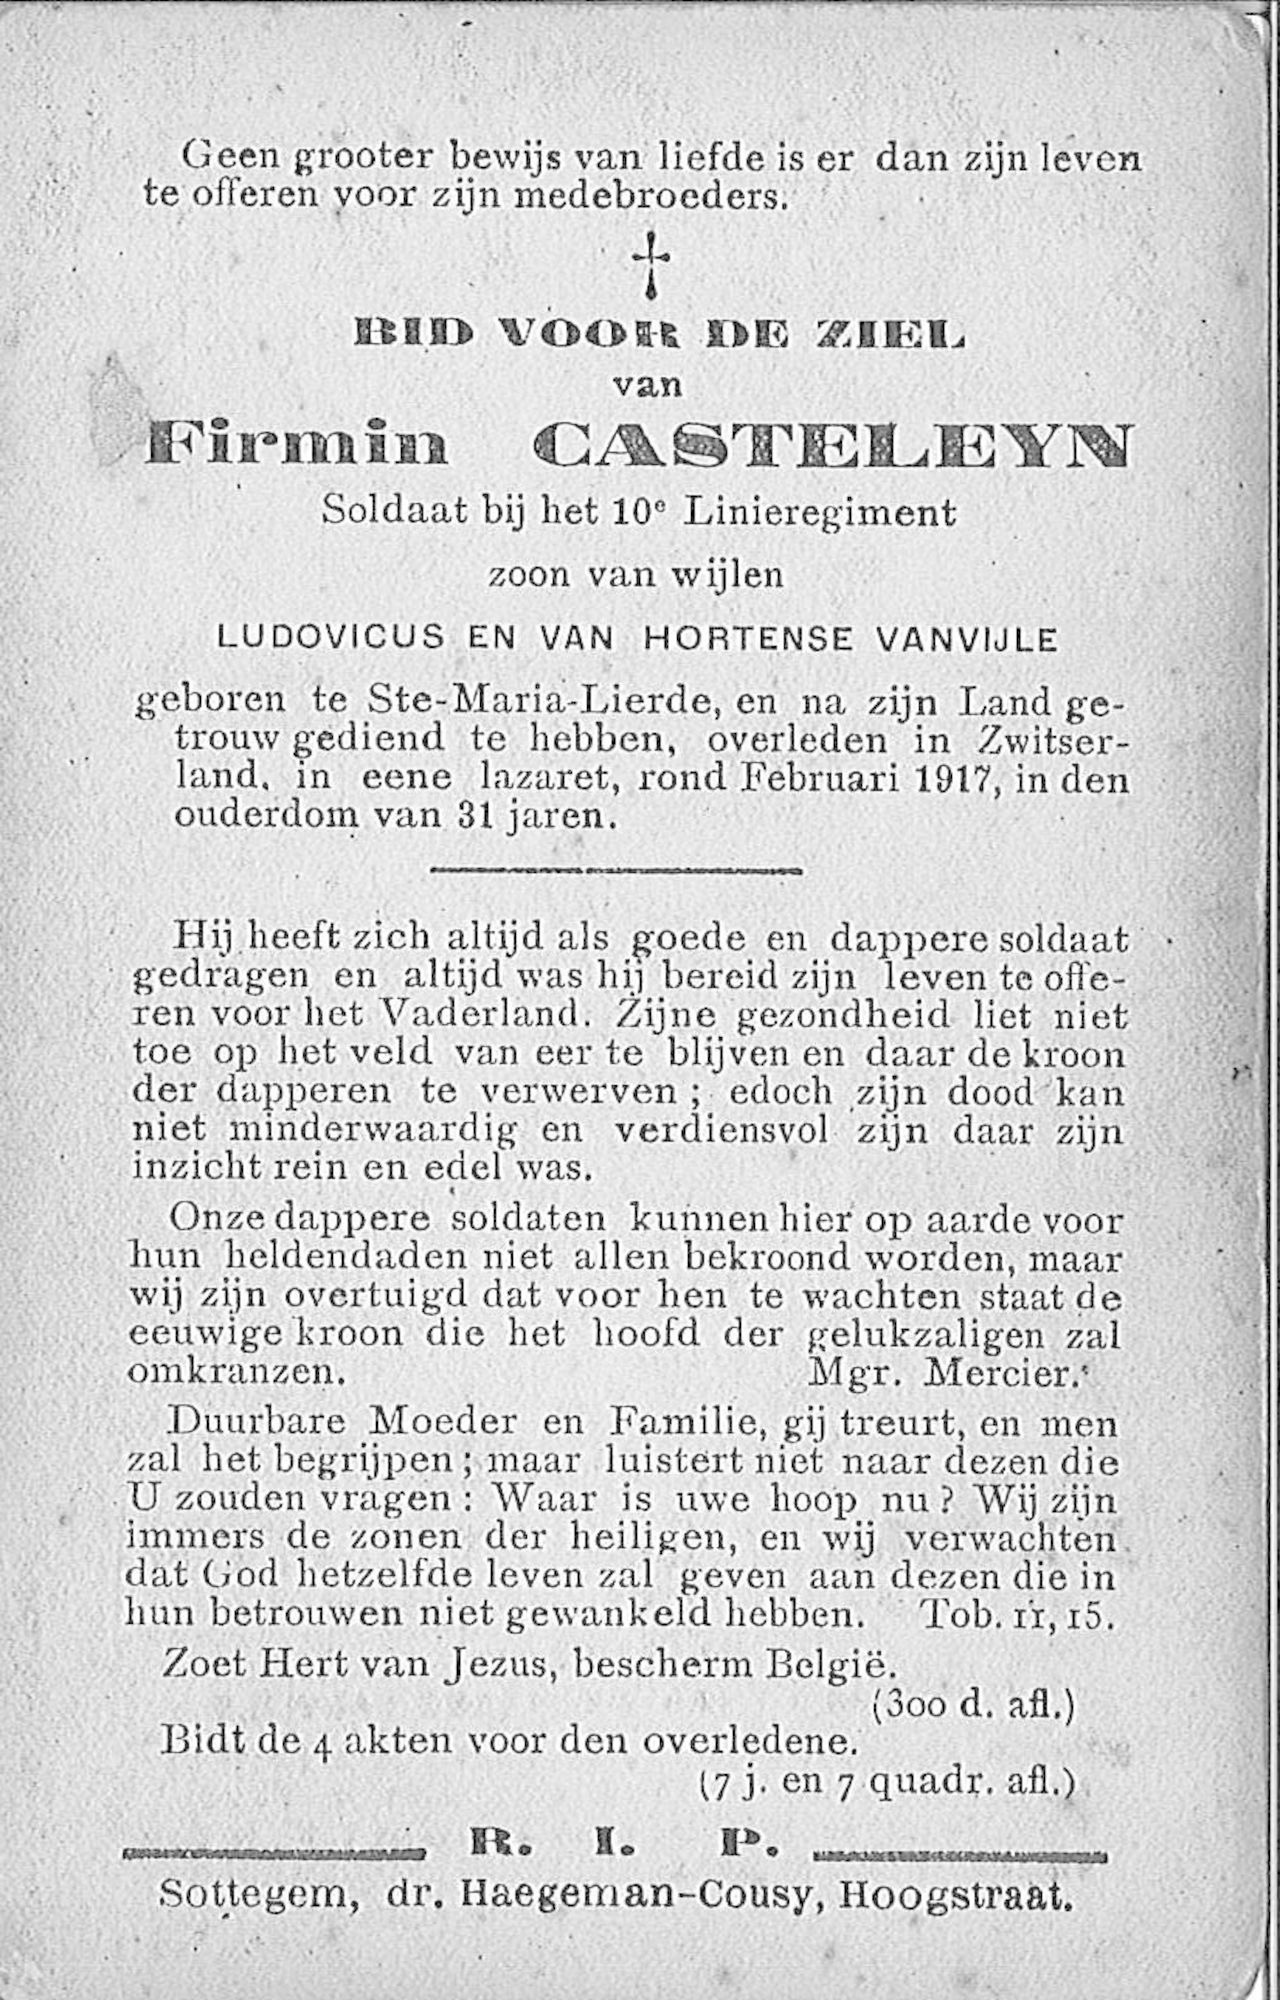 Firmin Casteleyn